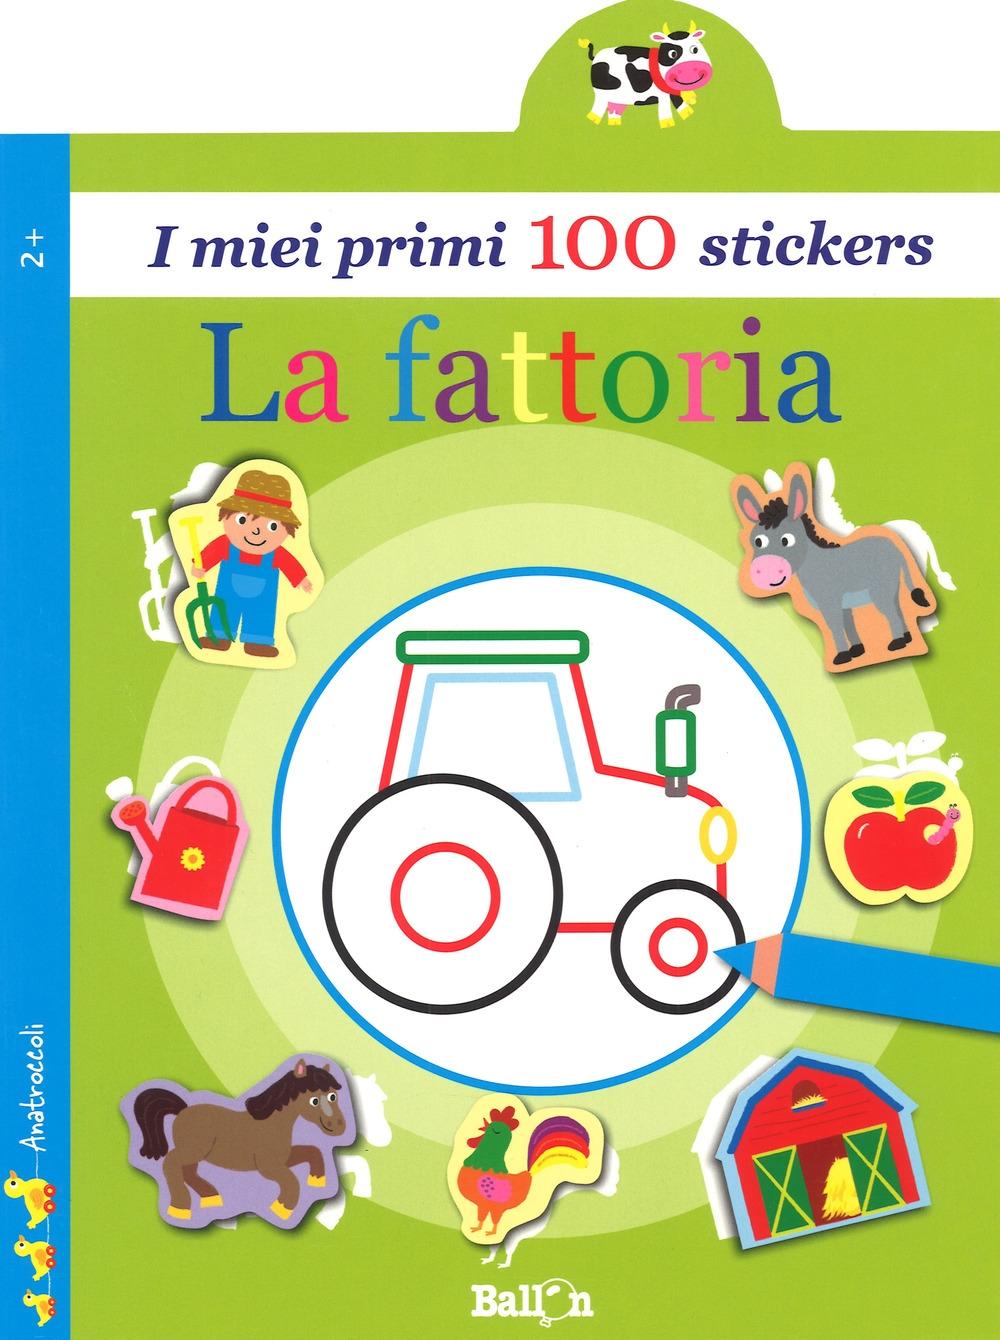 La fattoria. I miei primi 100 stickers. Ediz. a colori